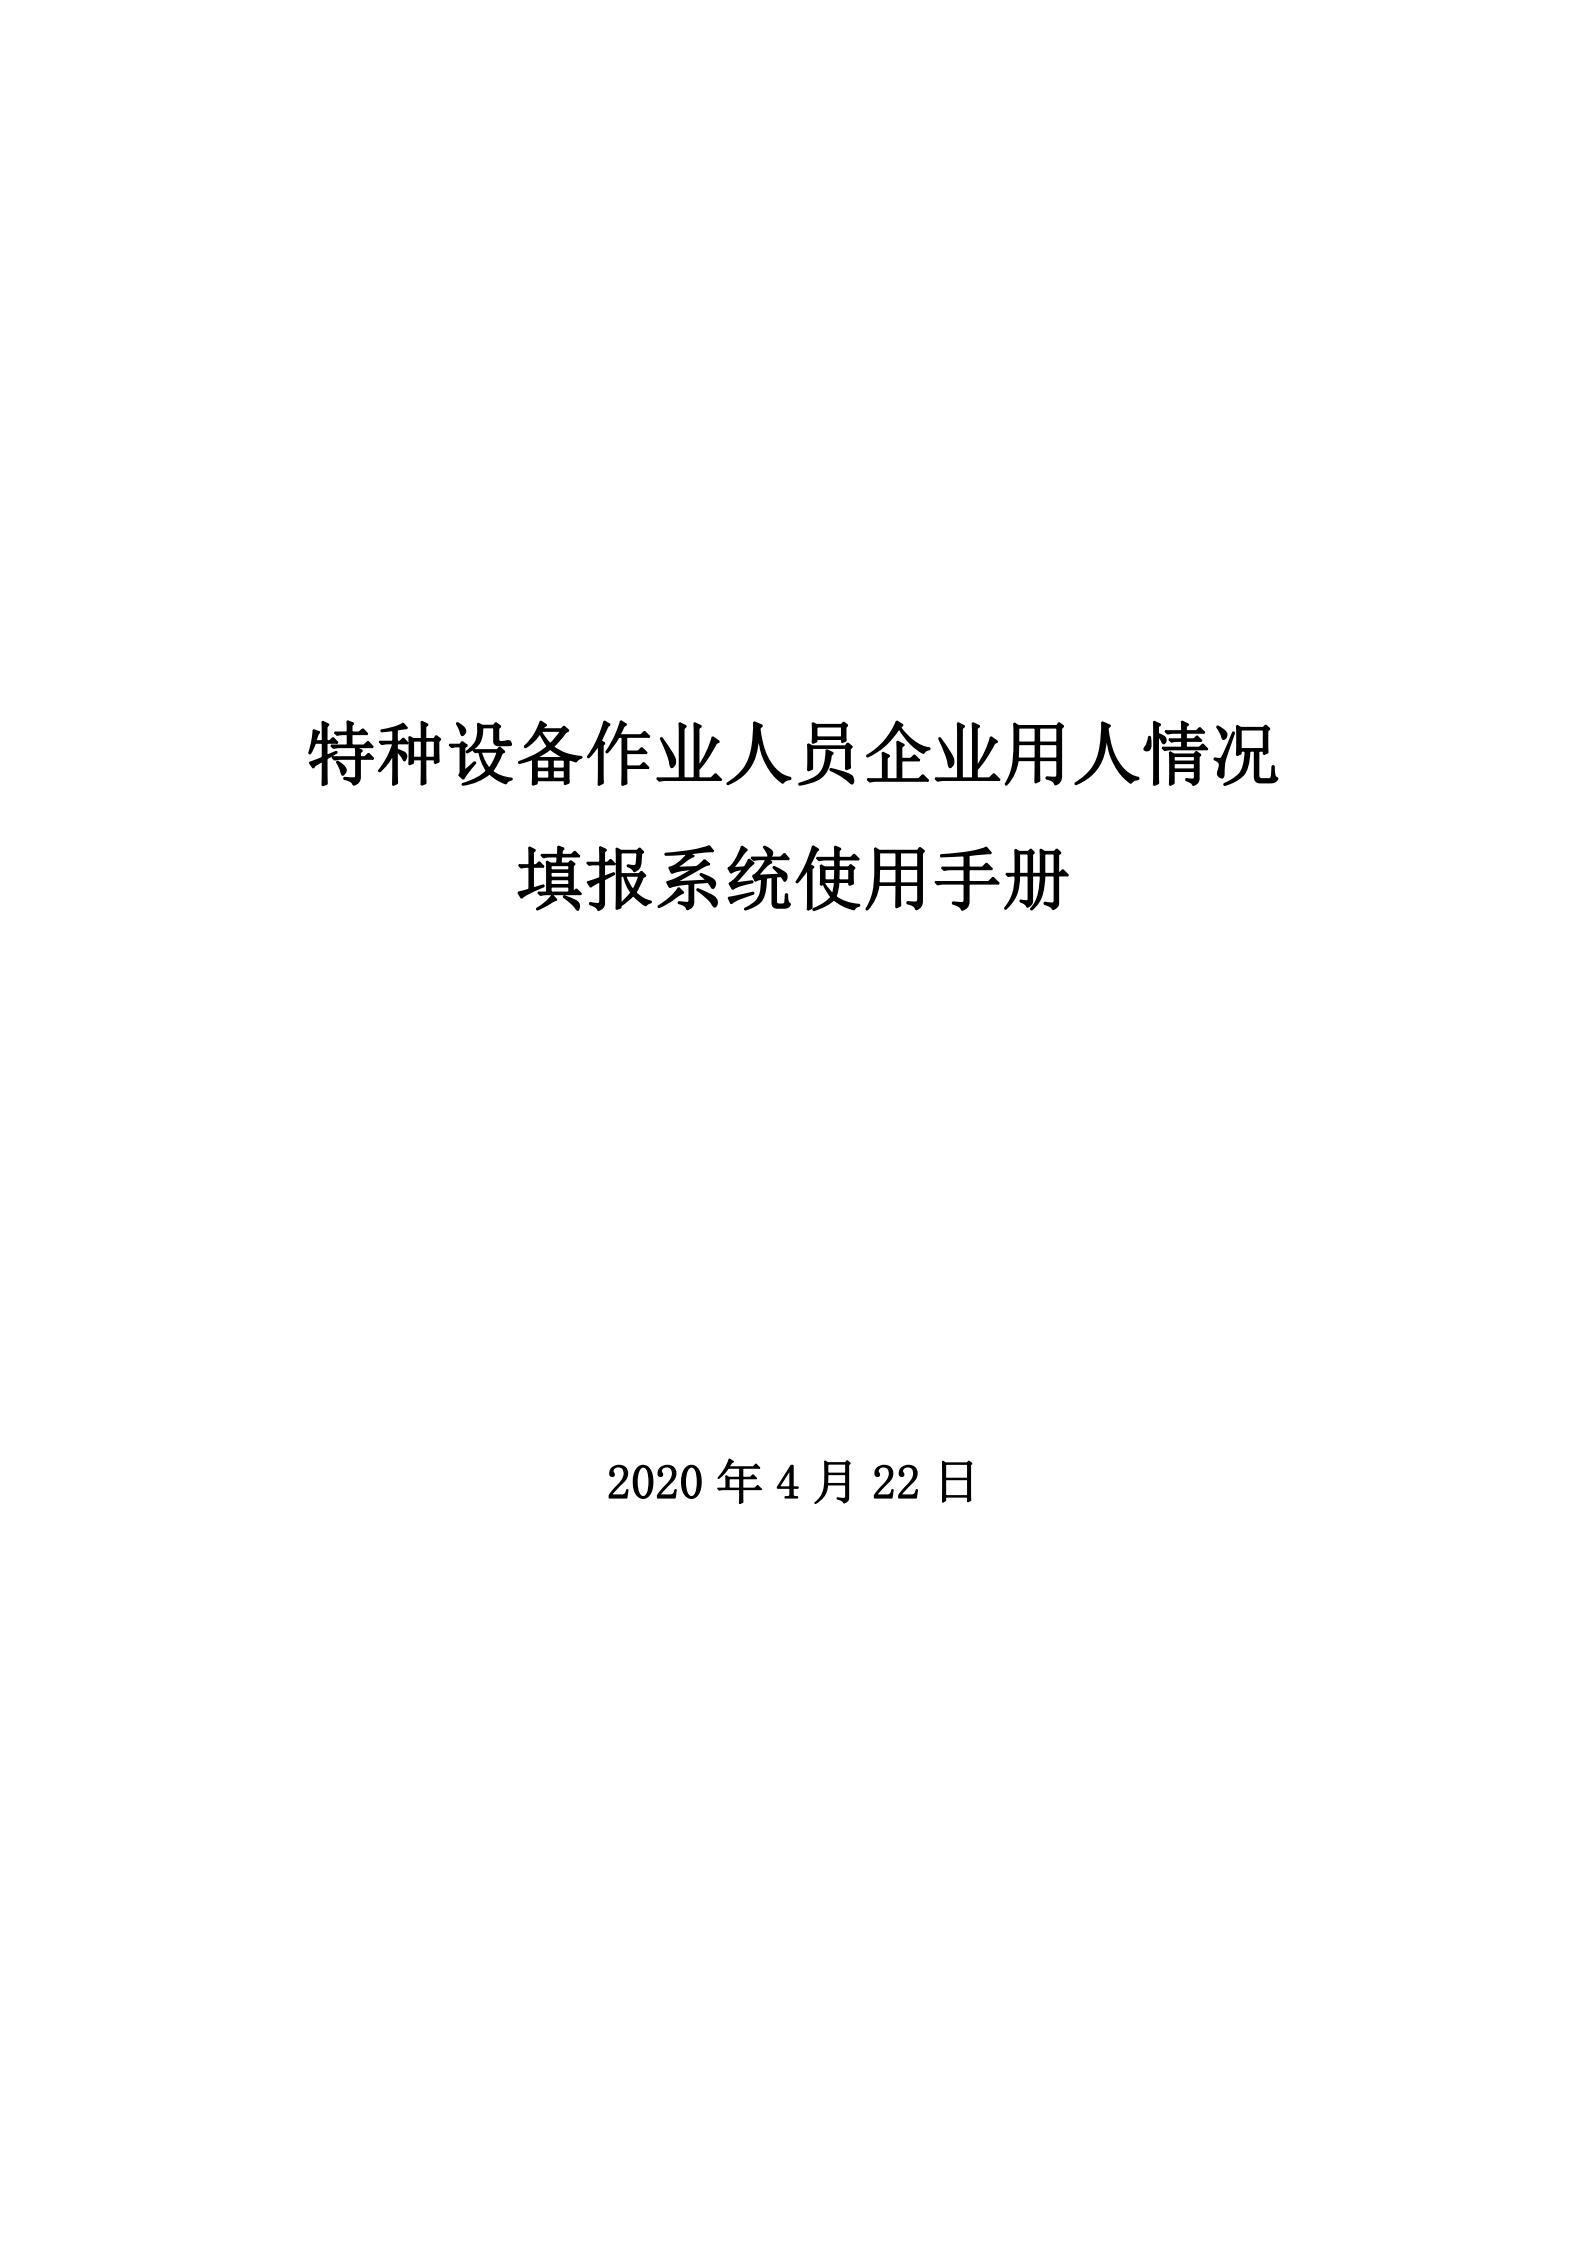 特种设备作业人员企业用人情况填报系统操作手册